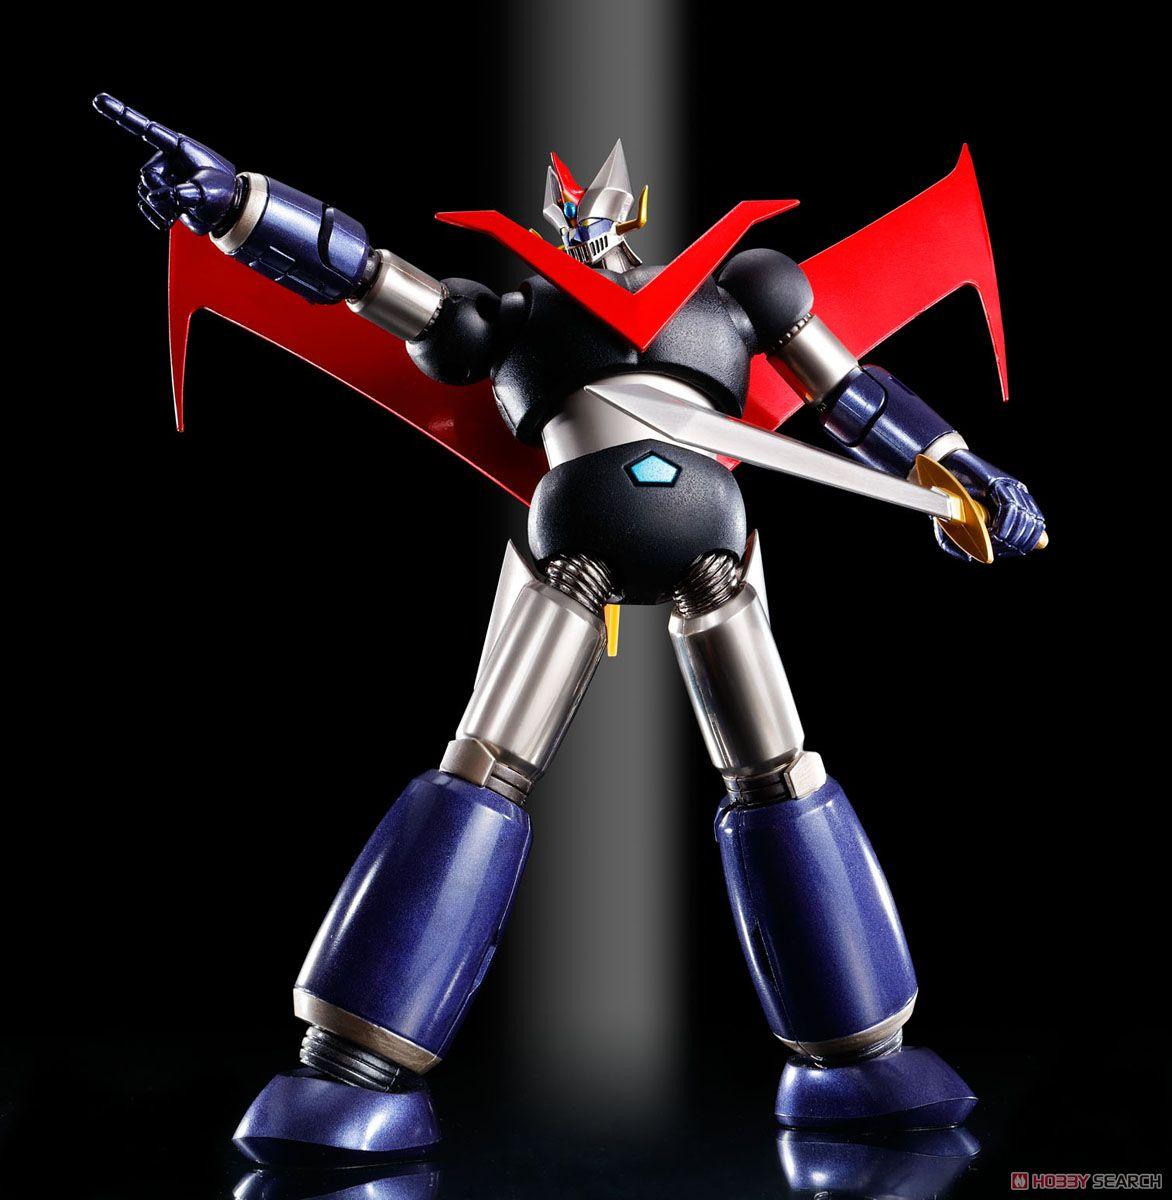 スーパーロボット超合金 グレートマジンガー ~鉄(くろがね)仕上げ~ (完成品)